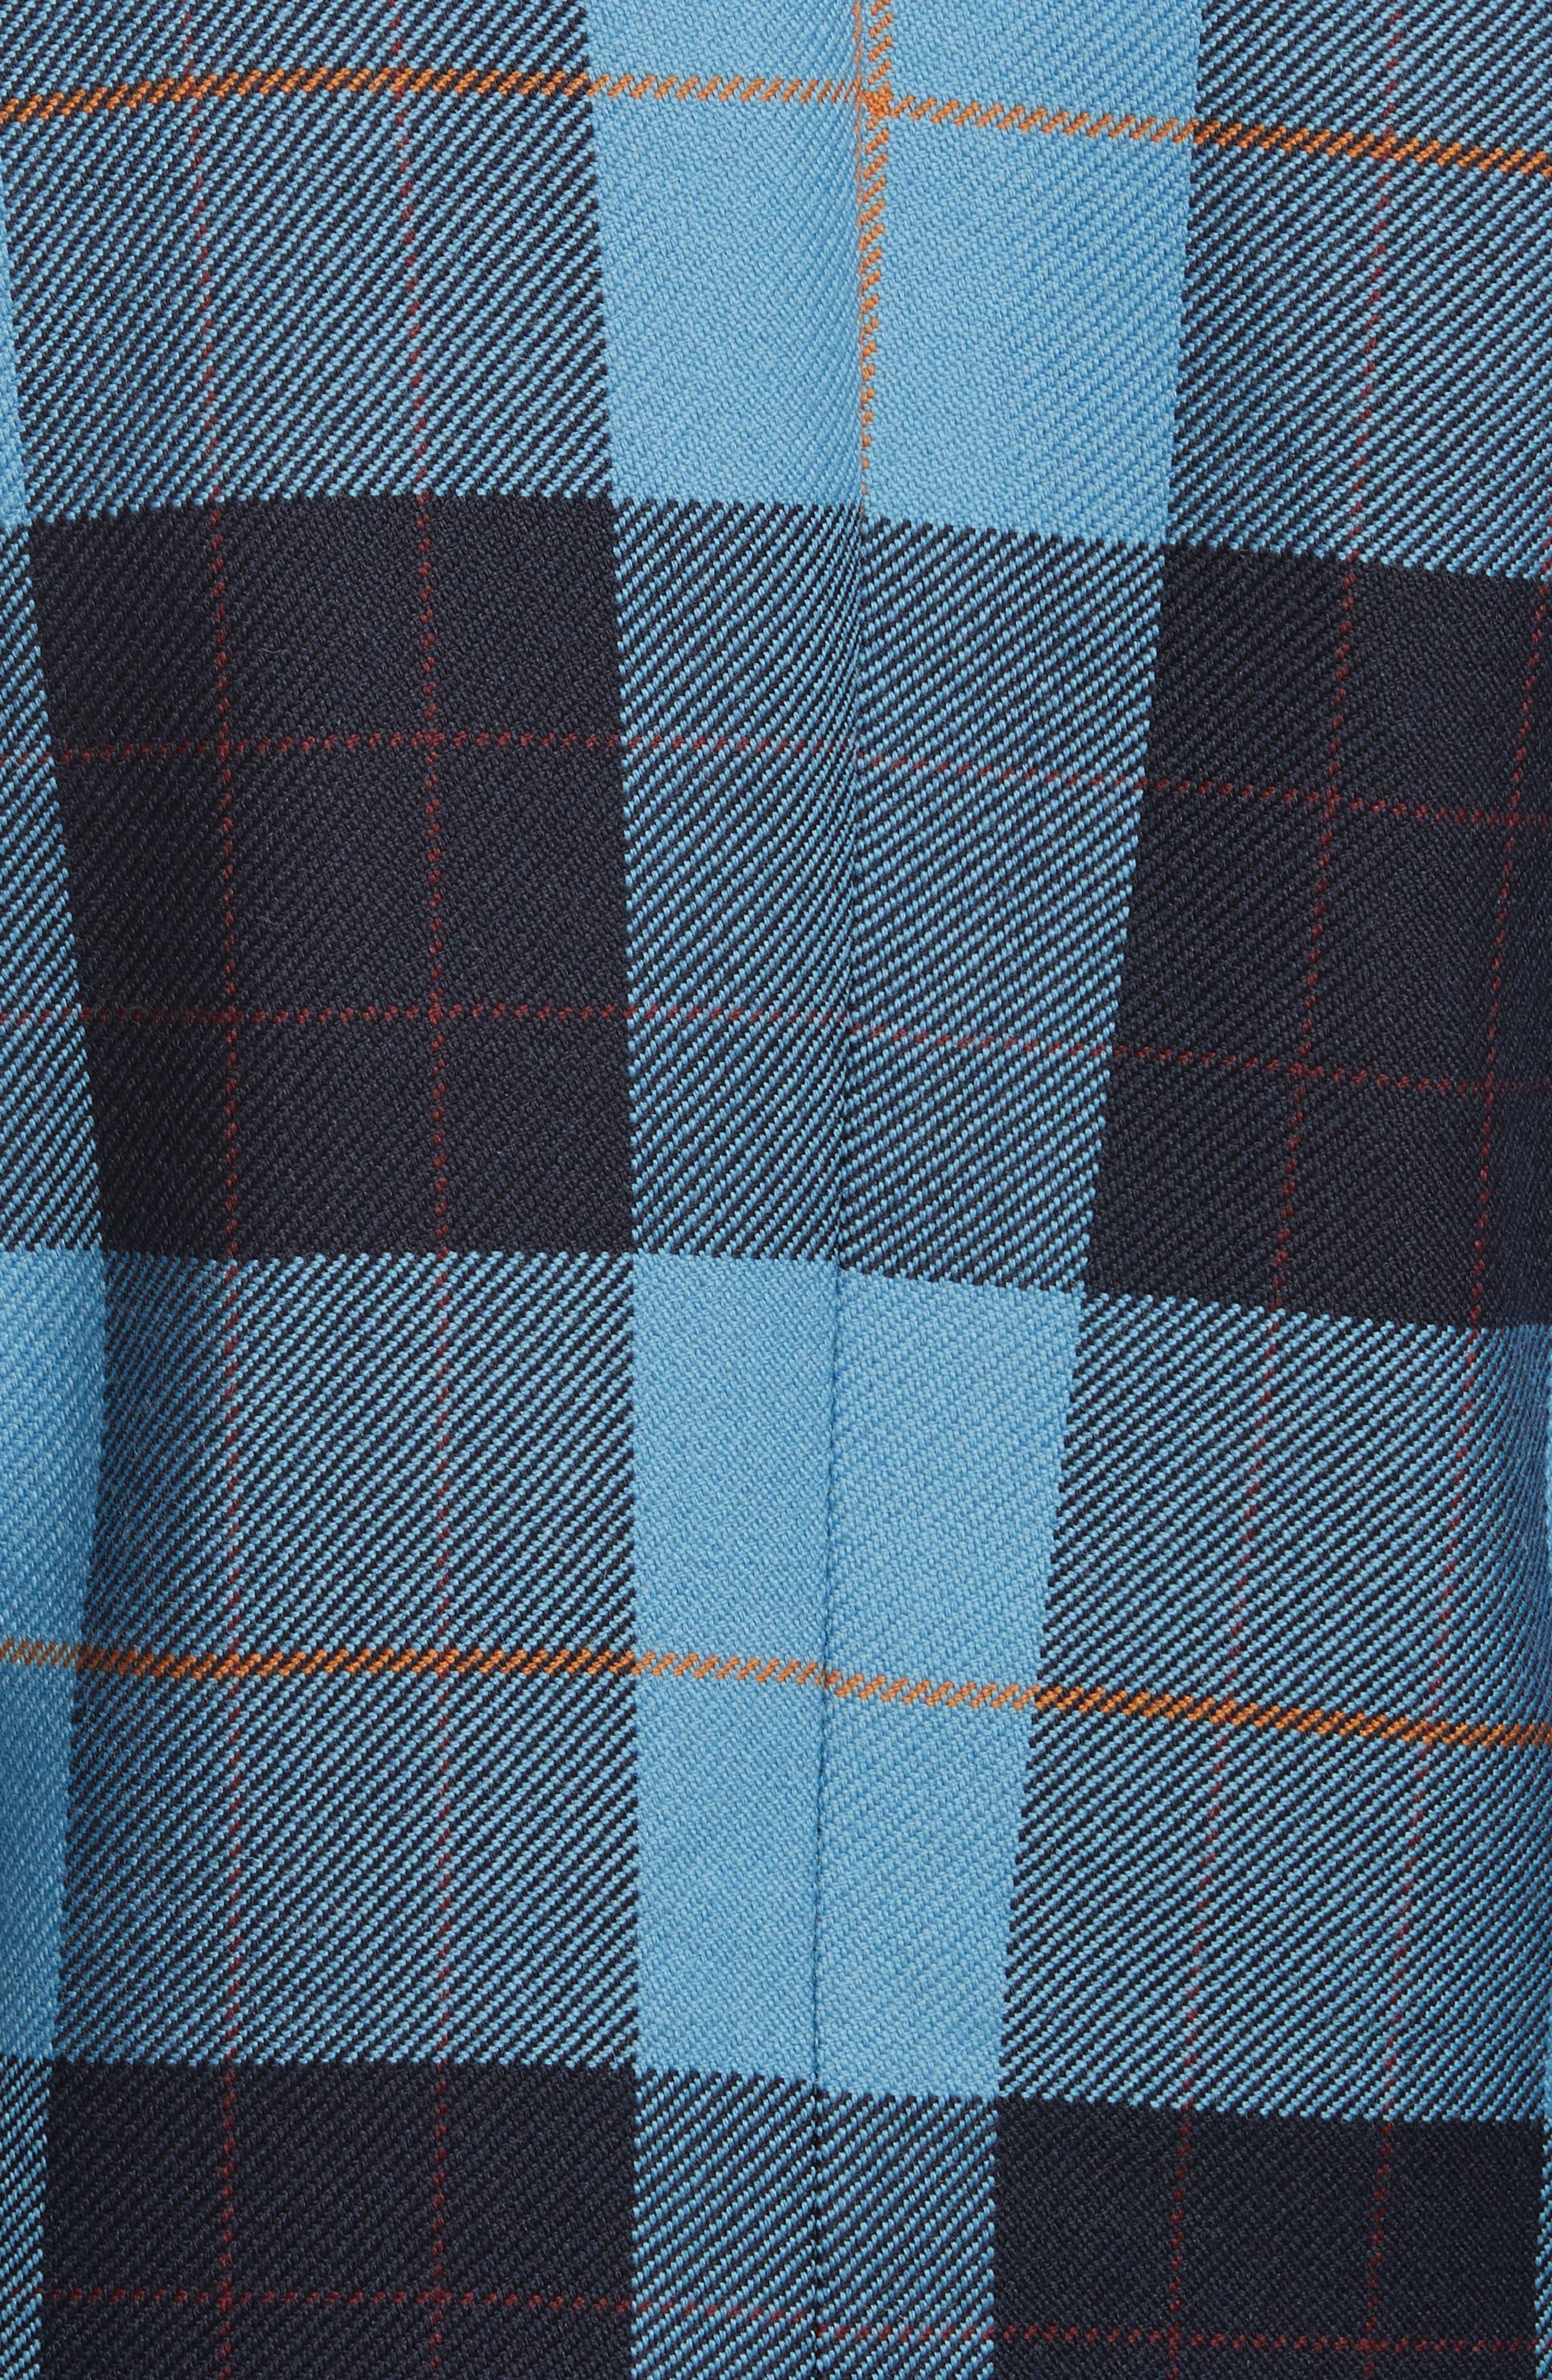 Taped Peak Lapel Plaid Blazer,                             Alternate thumbnail 5, color,                             Blue Plaid W/ Black